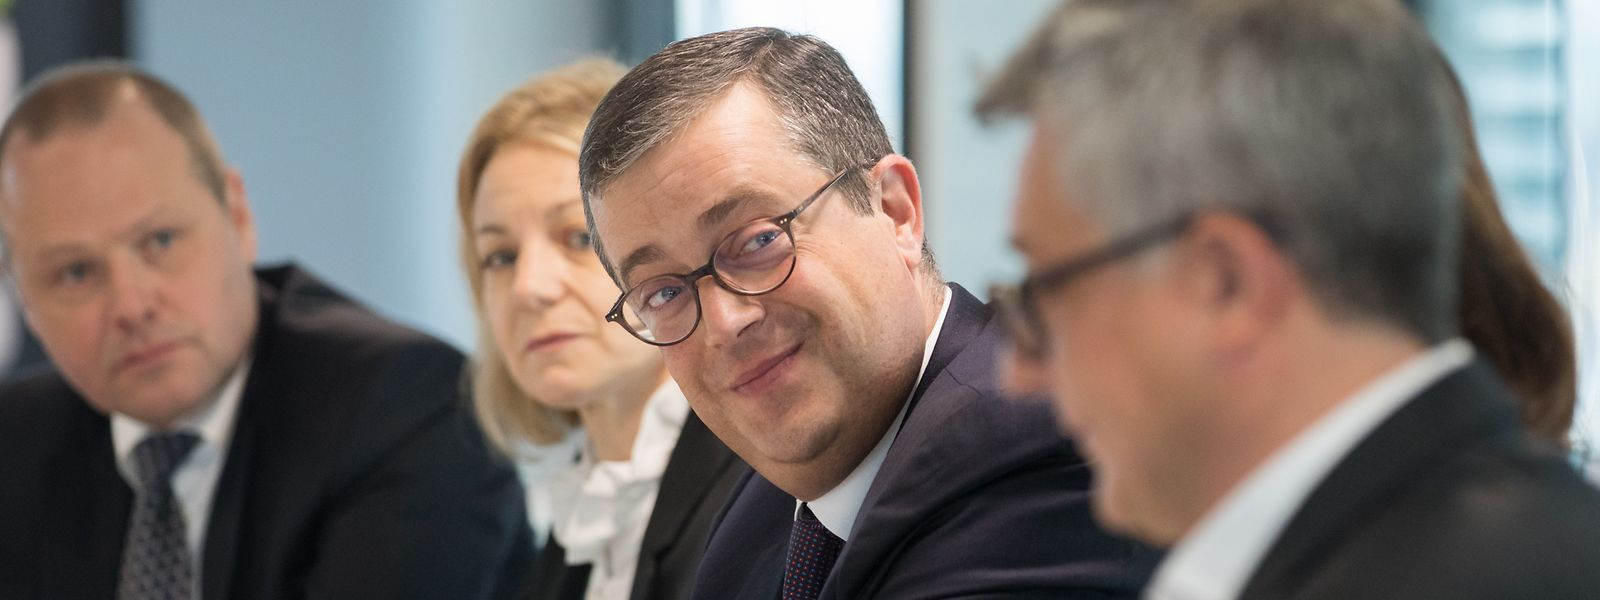 Le CEO John Psaila a présenté un résultat brut en progression pour la 9e année consécutive.